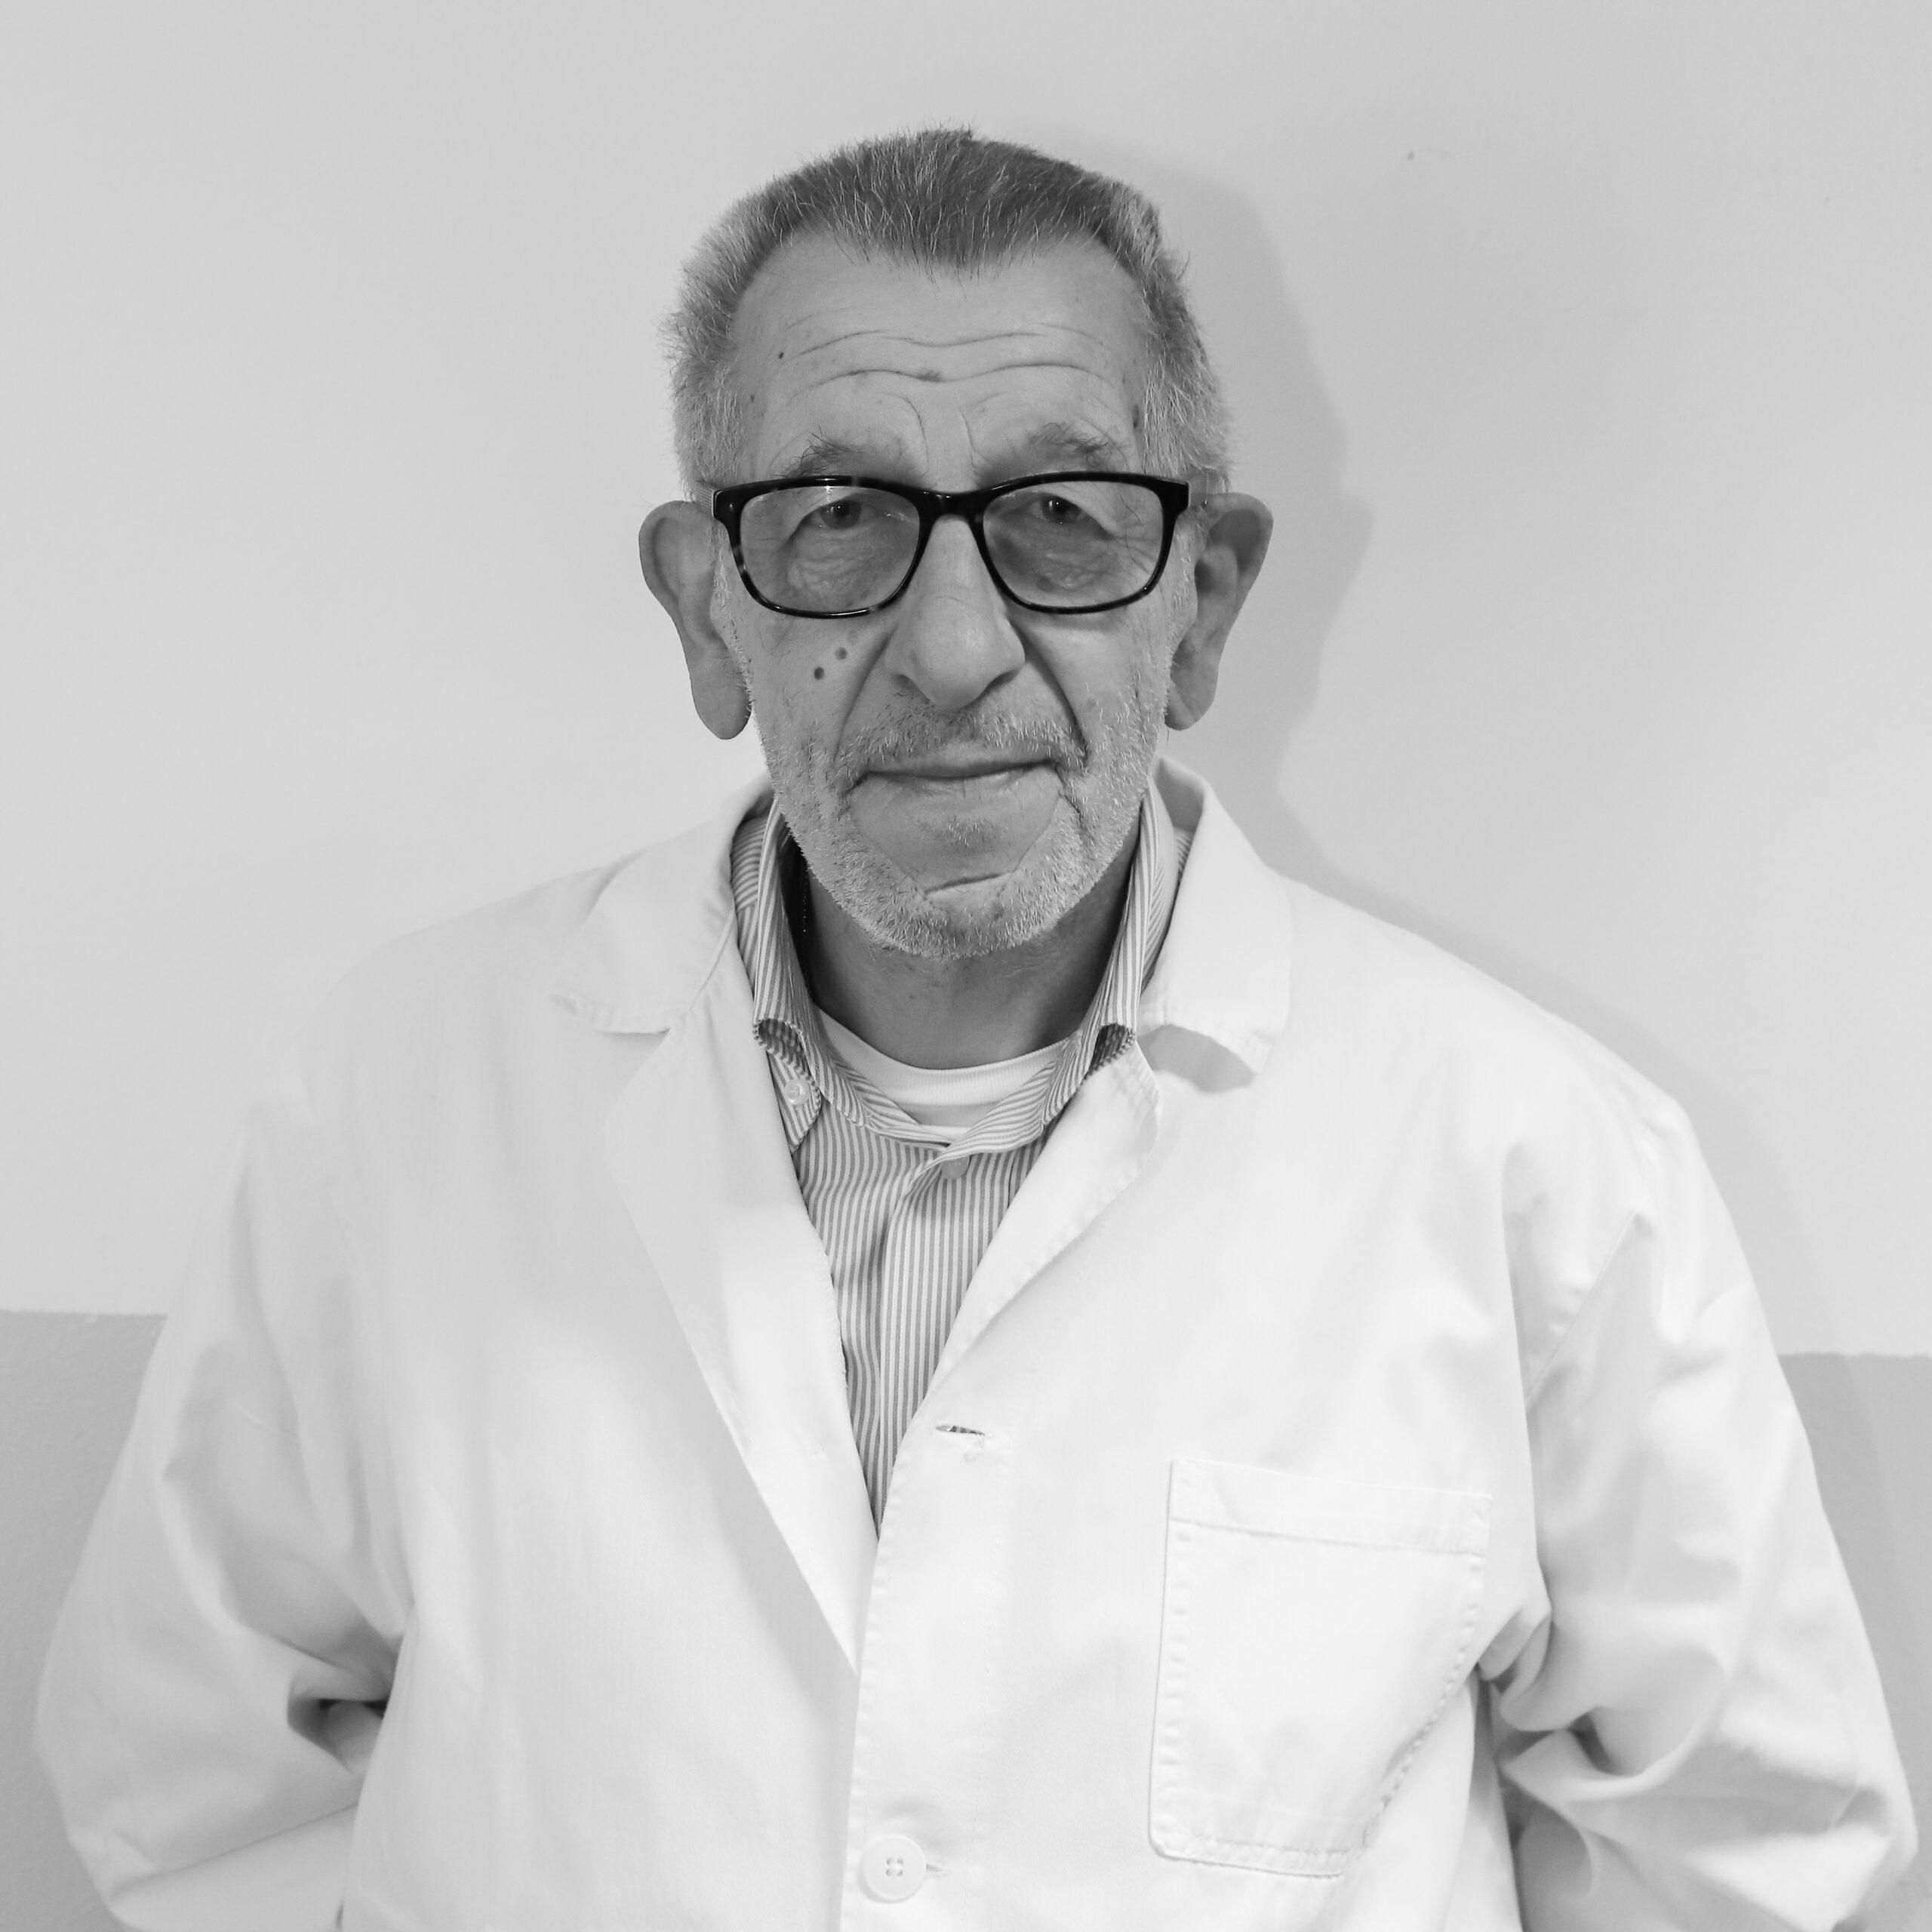 Dr. C. Tetti